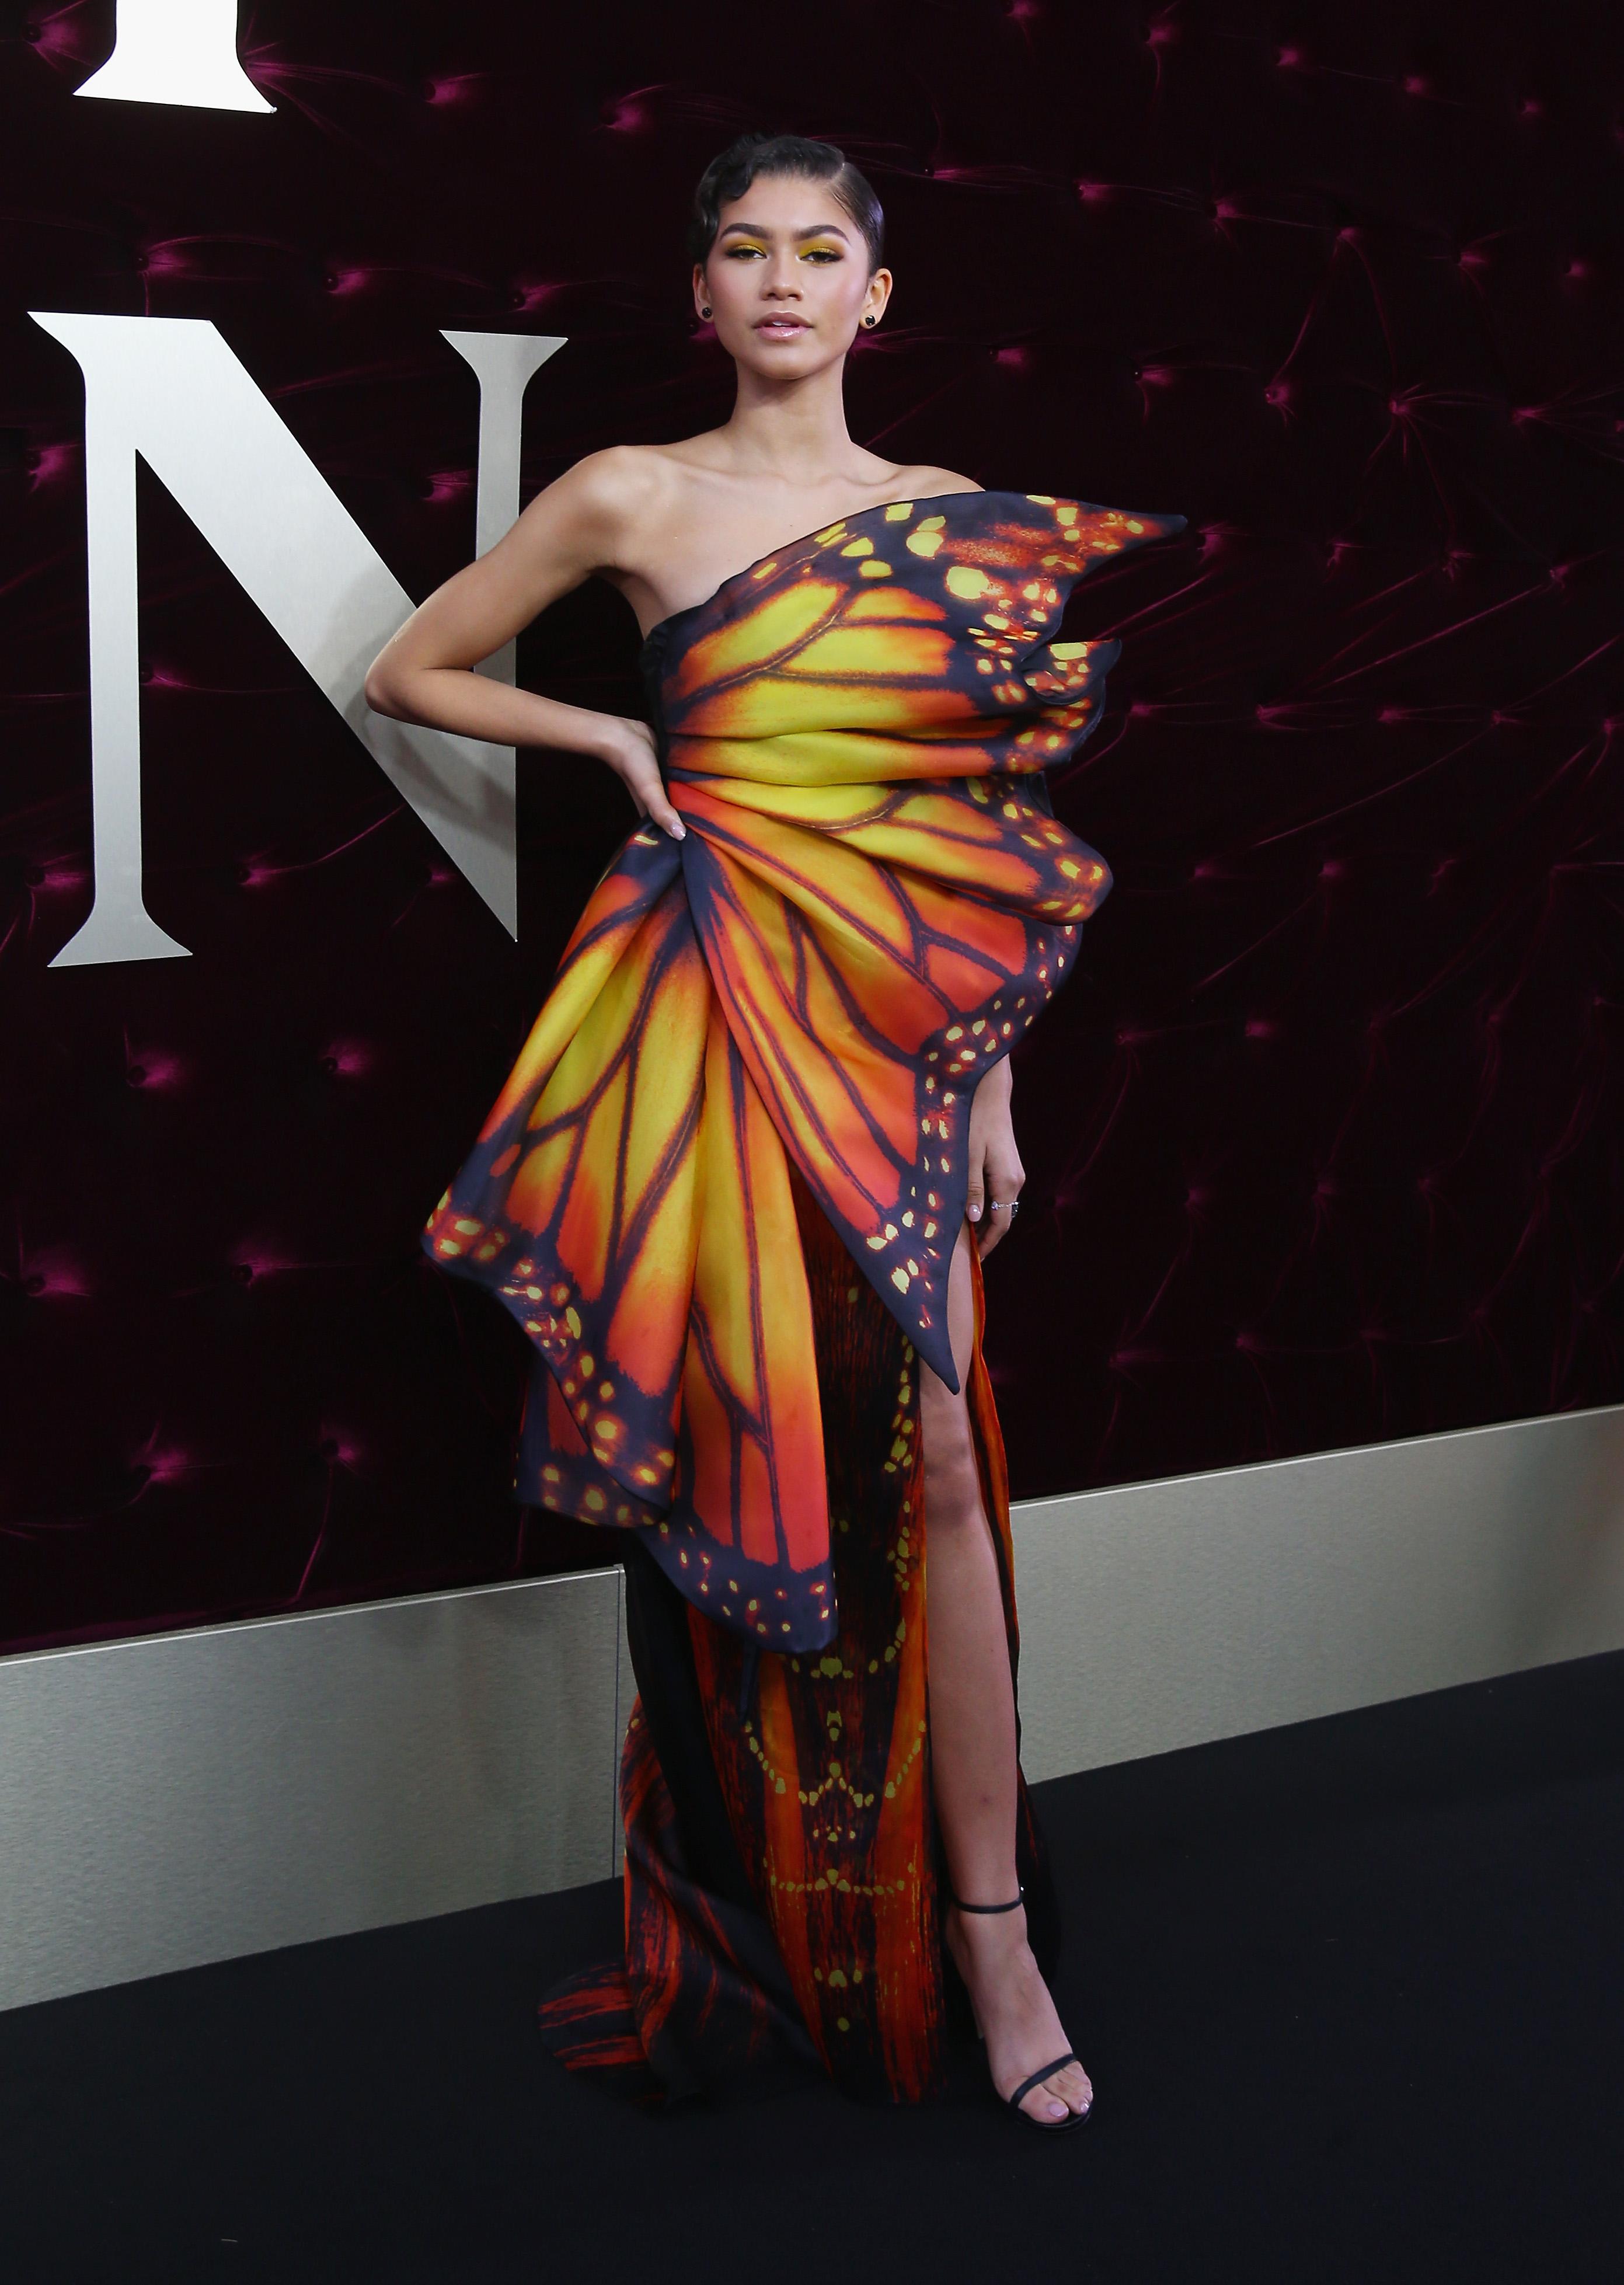 Zendaya usando vestido amarelo e laranja de borboleta na première de O Rei do Show na Austrália, em 2017